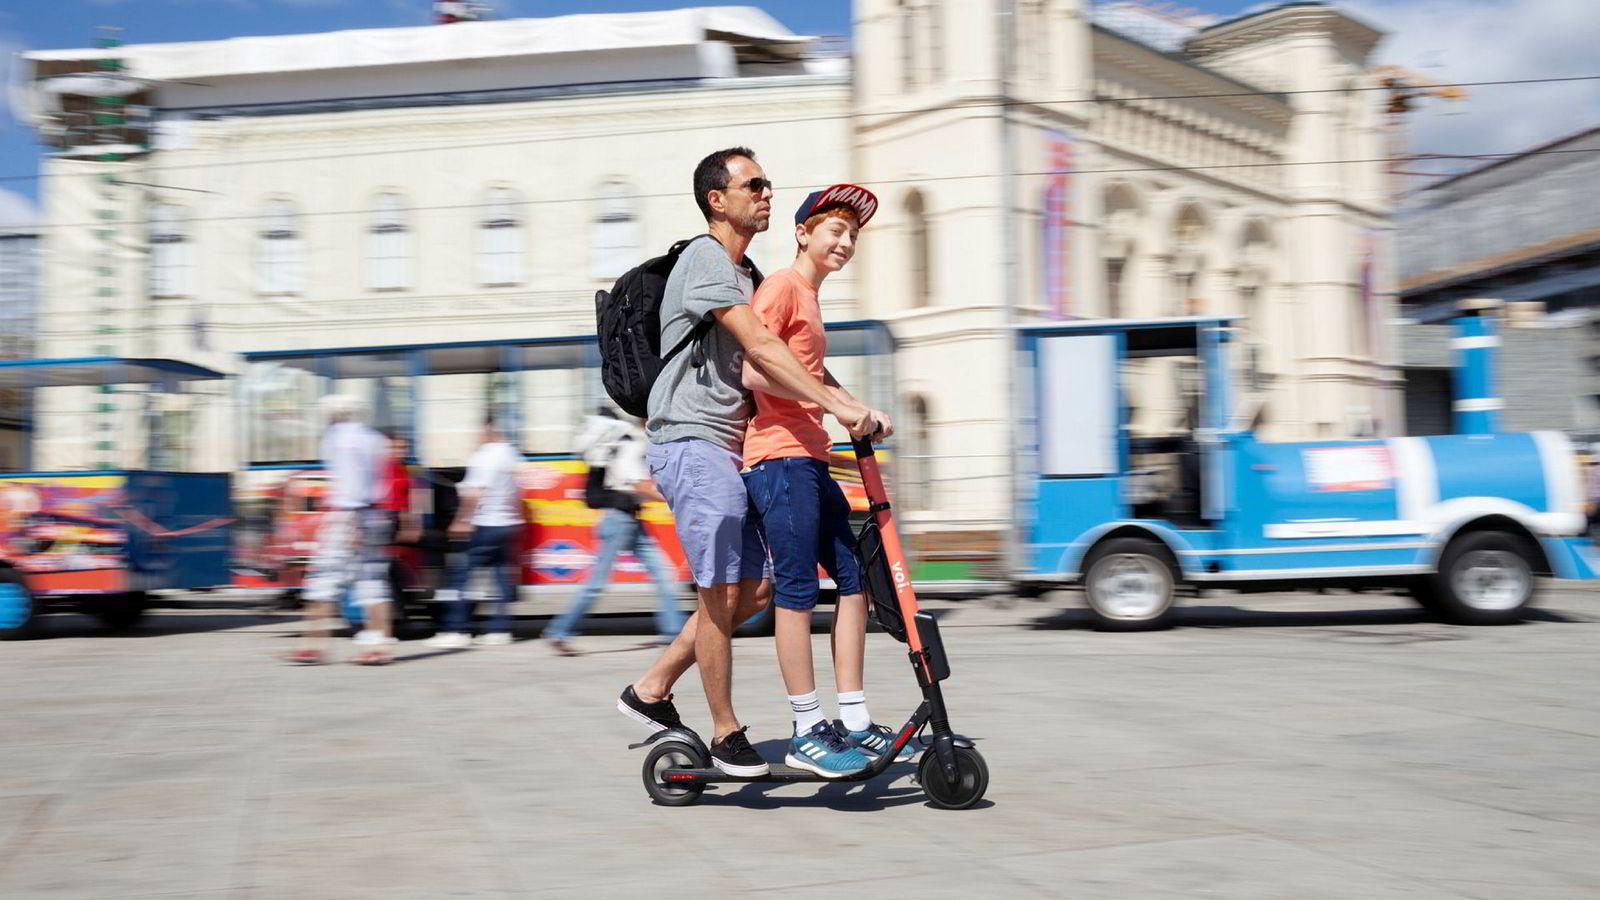 Elsparkesykkelbølgen har skyllet inn over hovedstaden denne våren og sommeren. Philippe Guy (50) og sønnen Julian (14) bruker elsparkesykkel som fremkomstmiddel når de er på ferie i Oslo. – I Genève er det ingenting sånt, sier de.